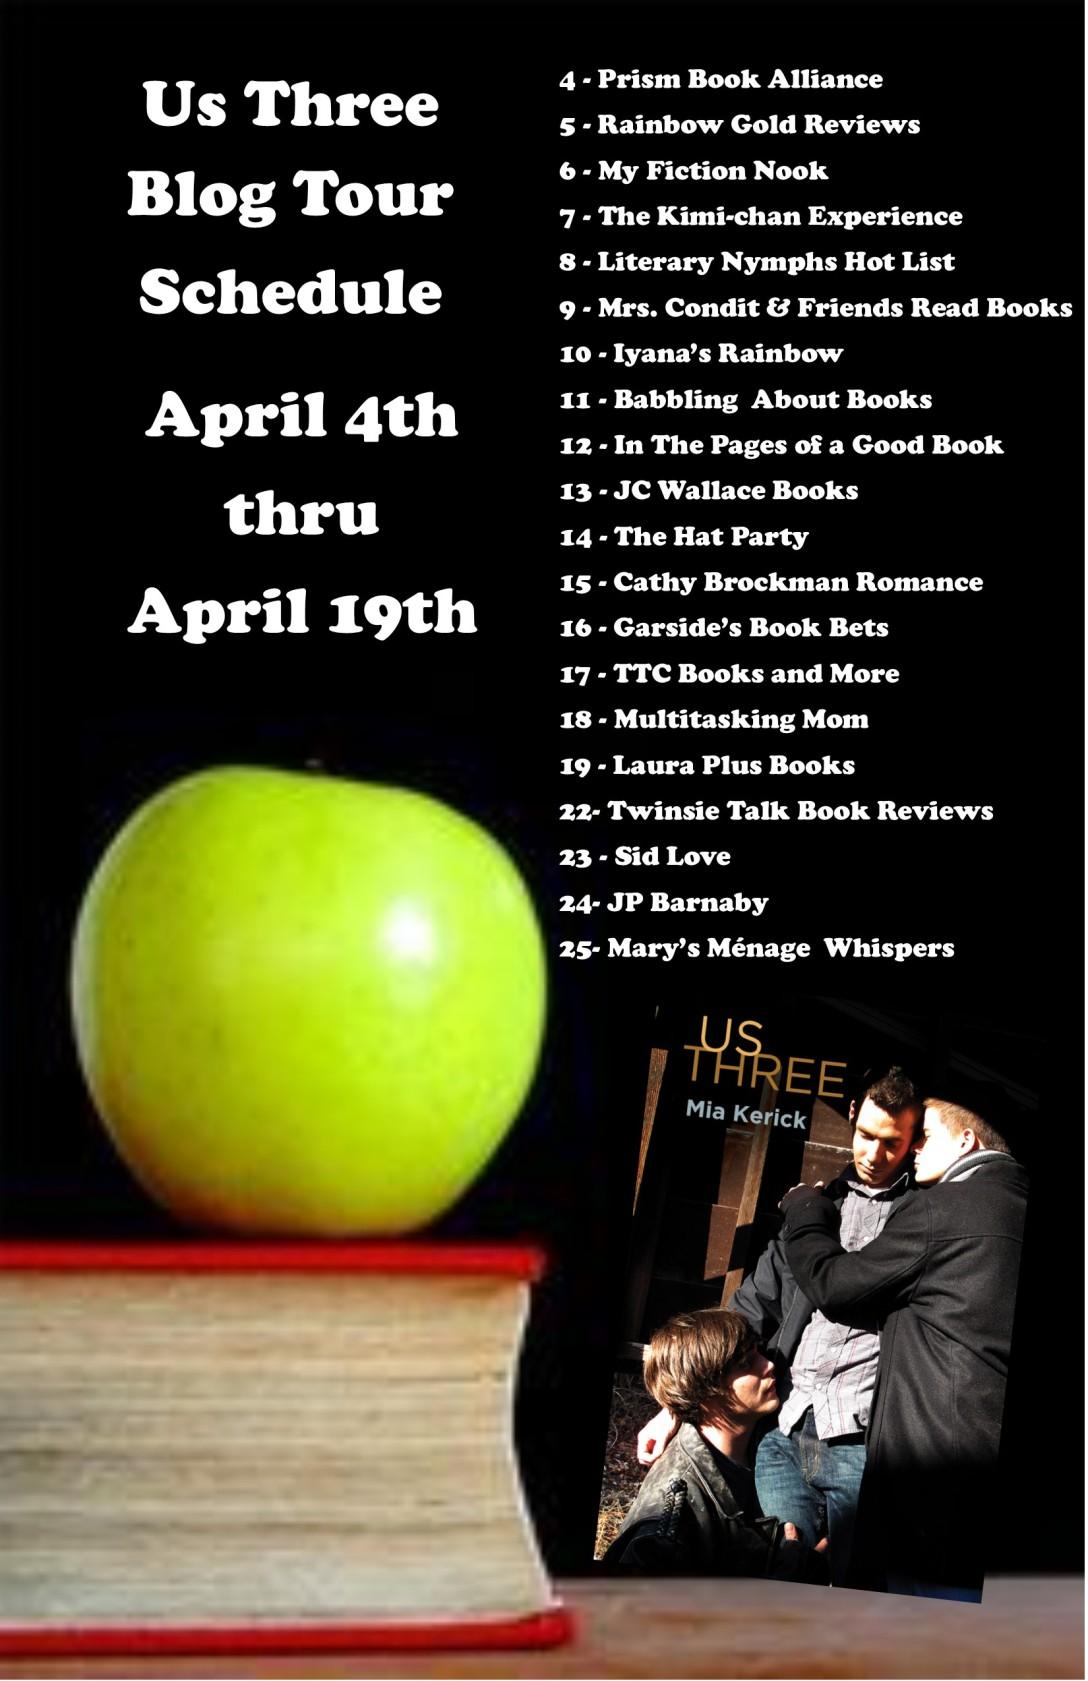 Us Three Blog Tour Schedule FINAL